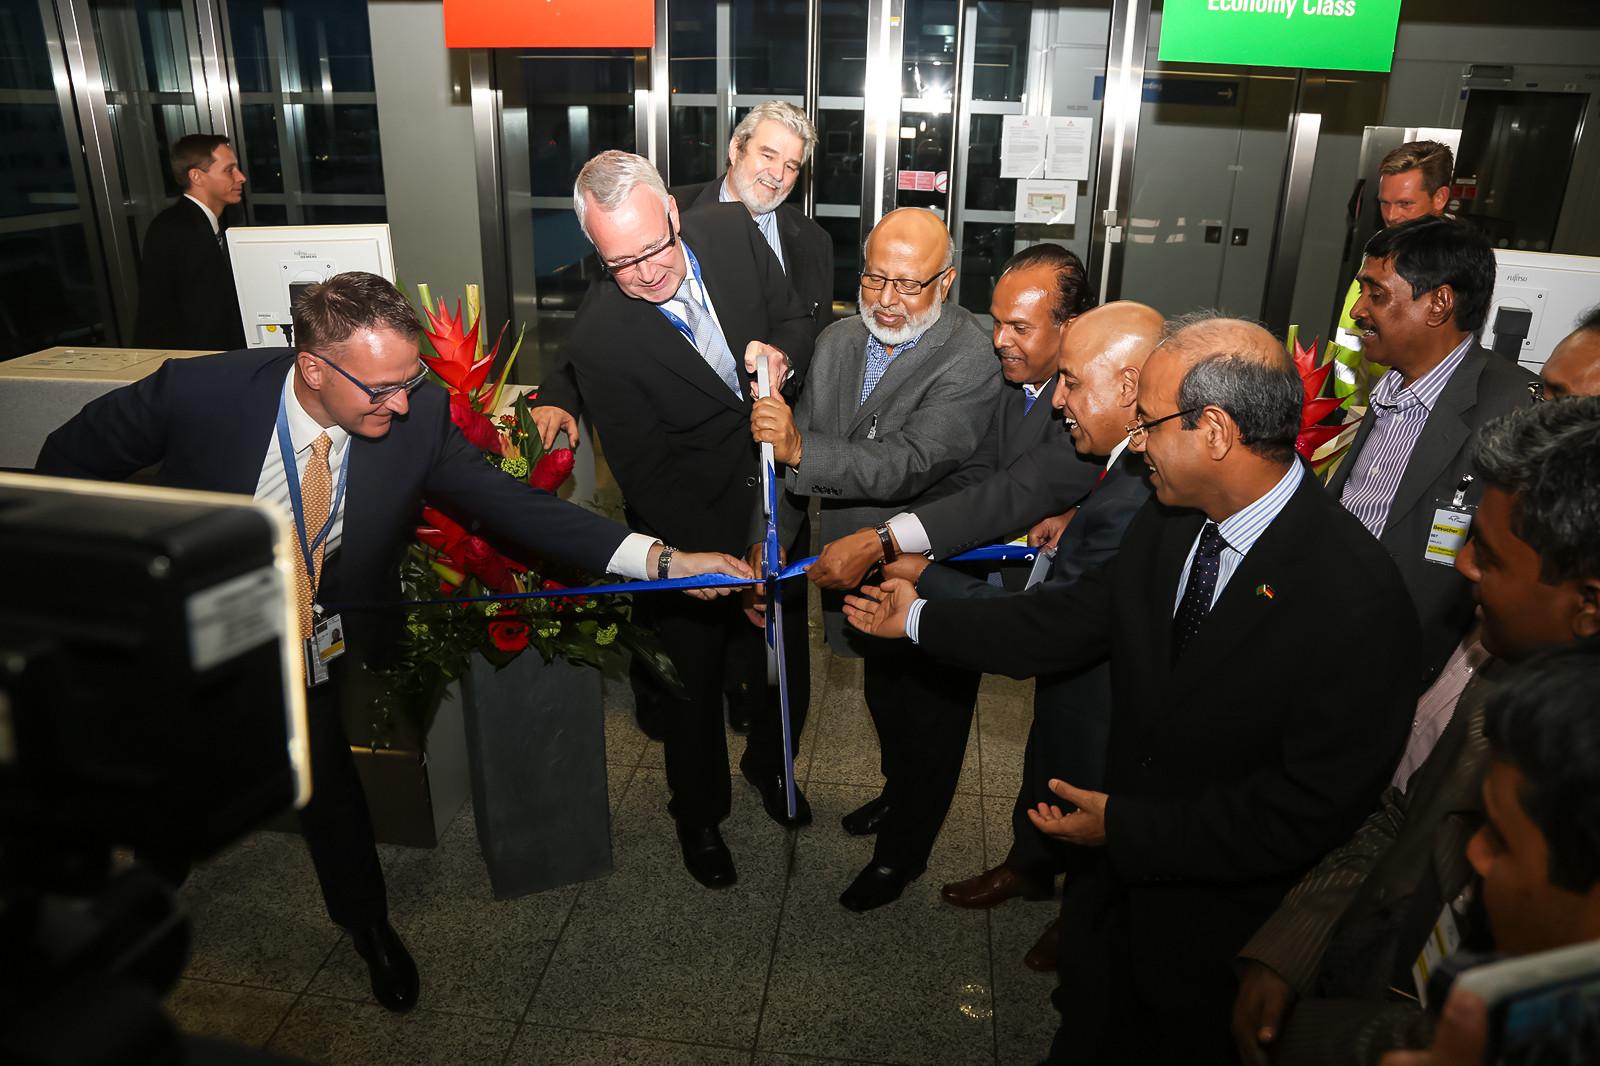 Peter Schmitz und Air Marshal Jamal Uddin Ahmed durchtrennen das symbolische blaue Band zur offiziellen Eröffnung.